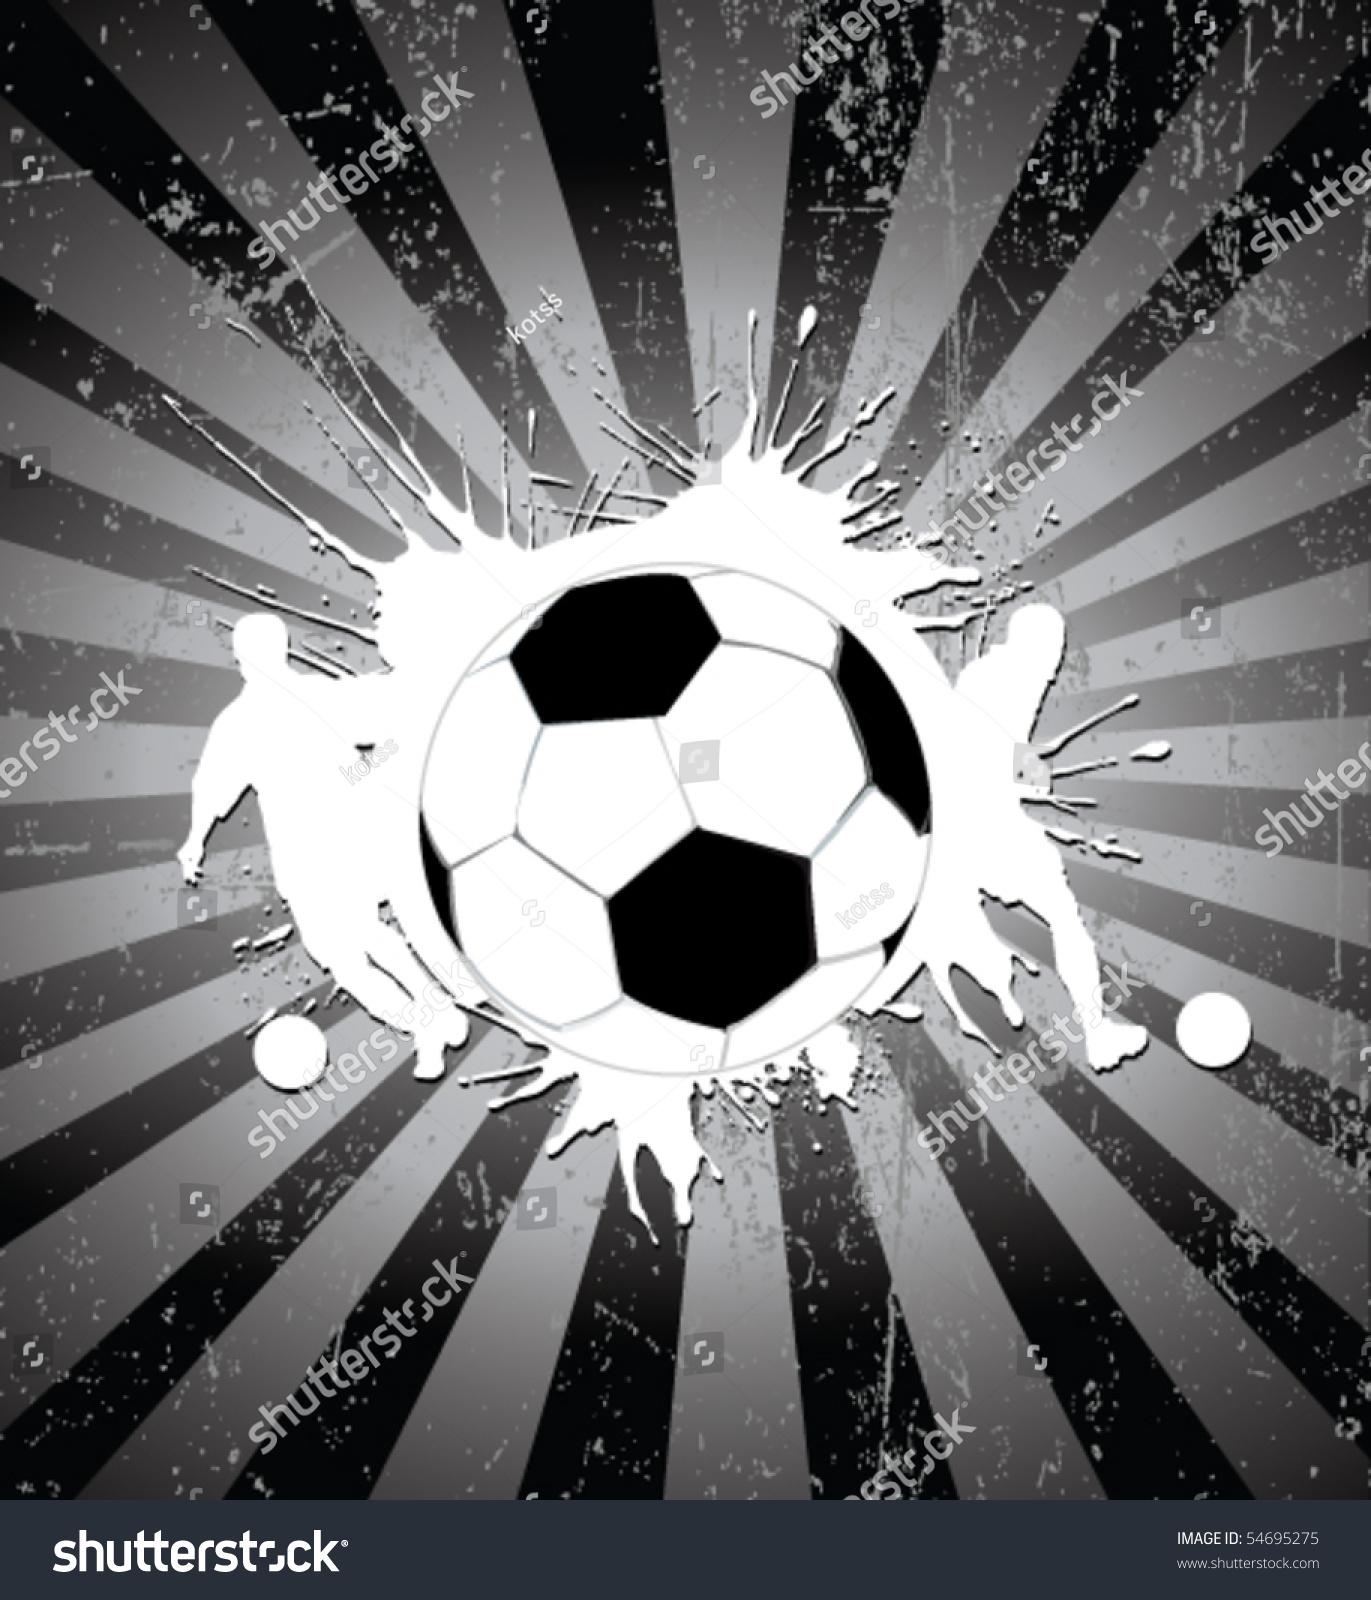 足球海报-运动/娱乐活动